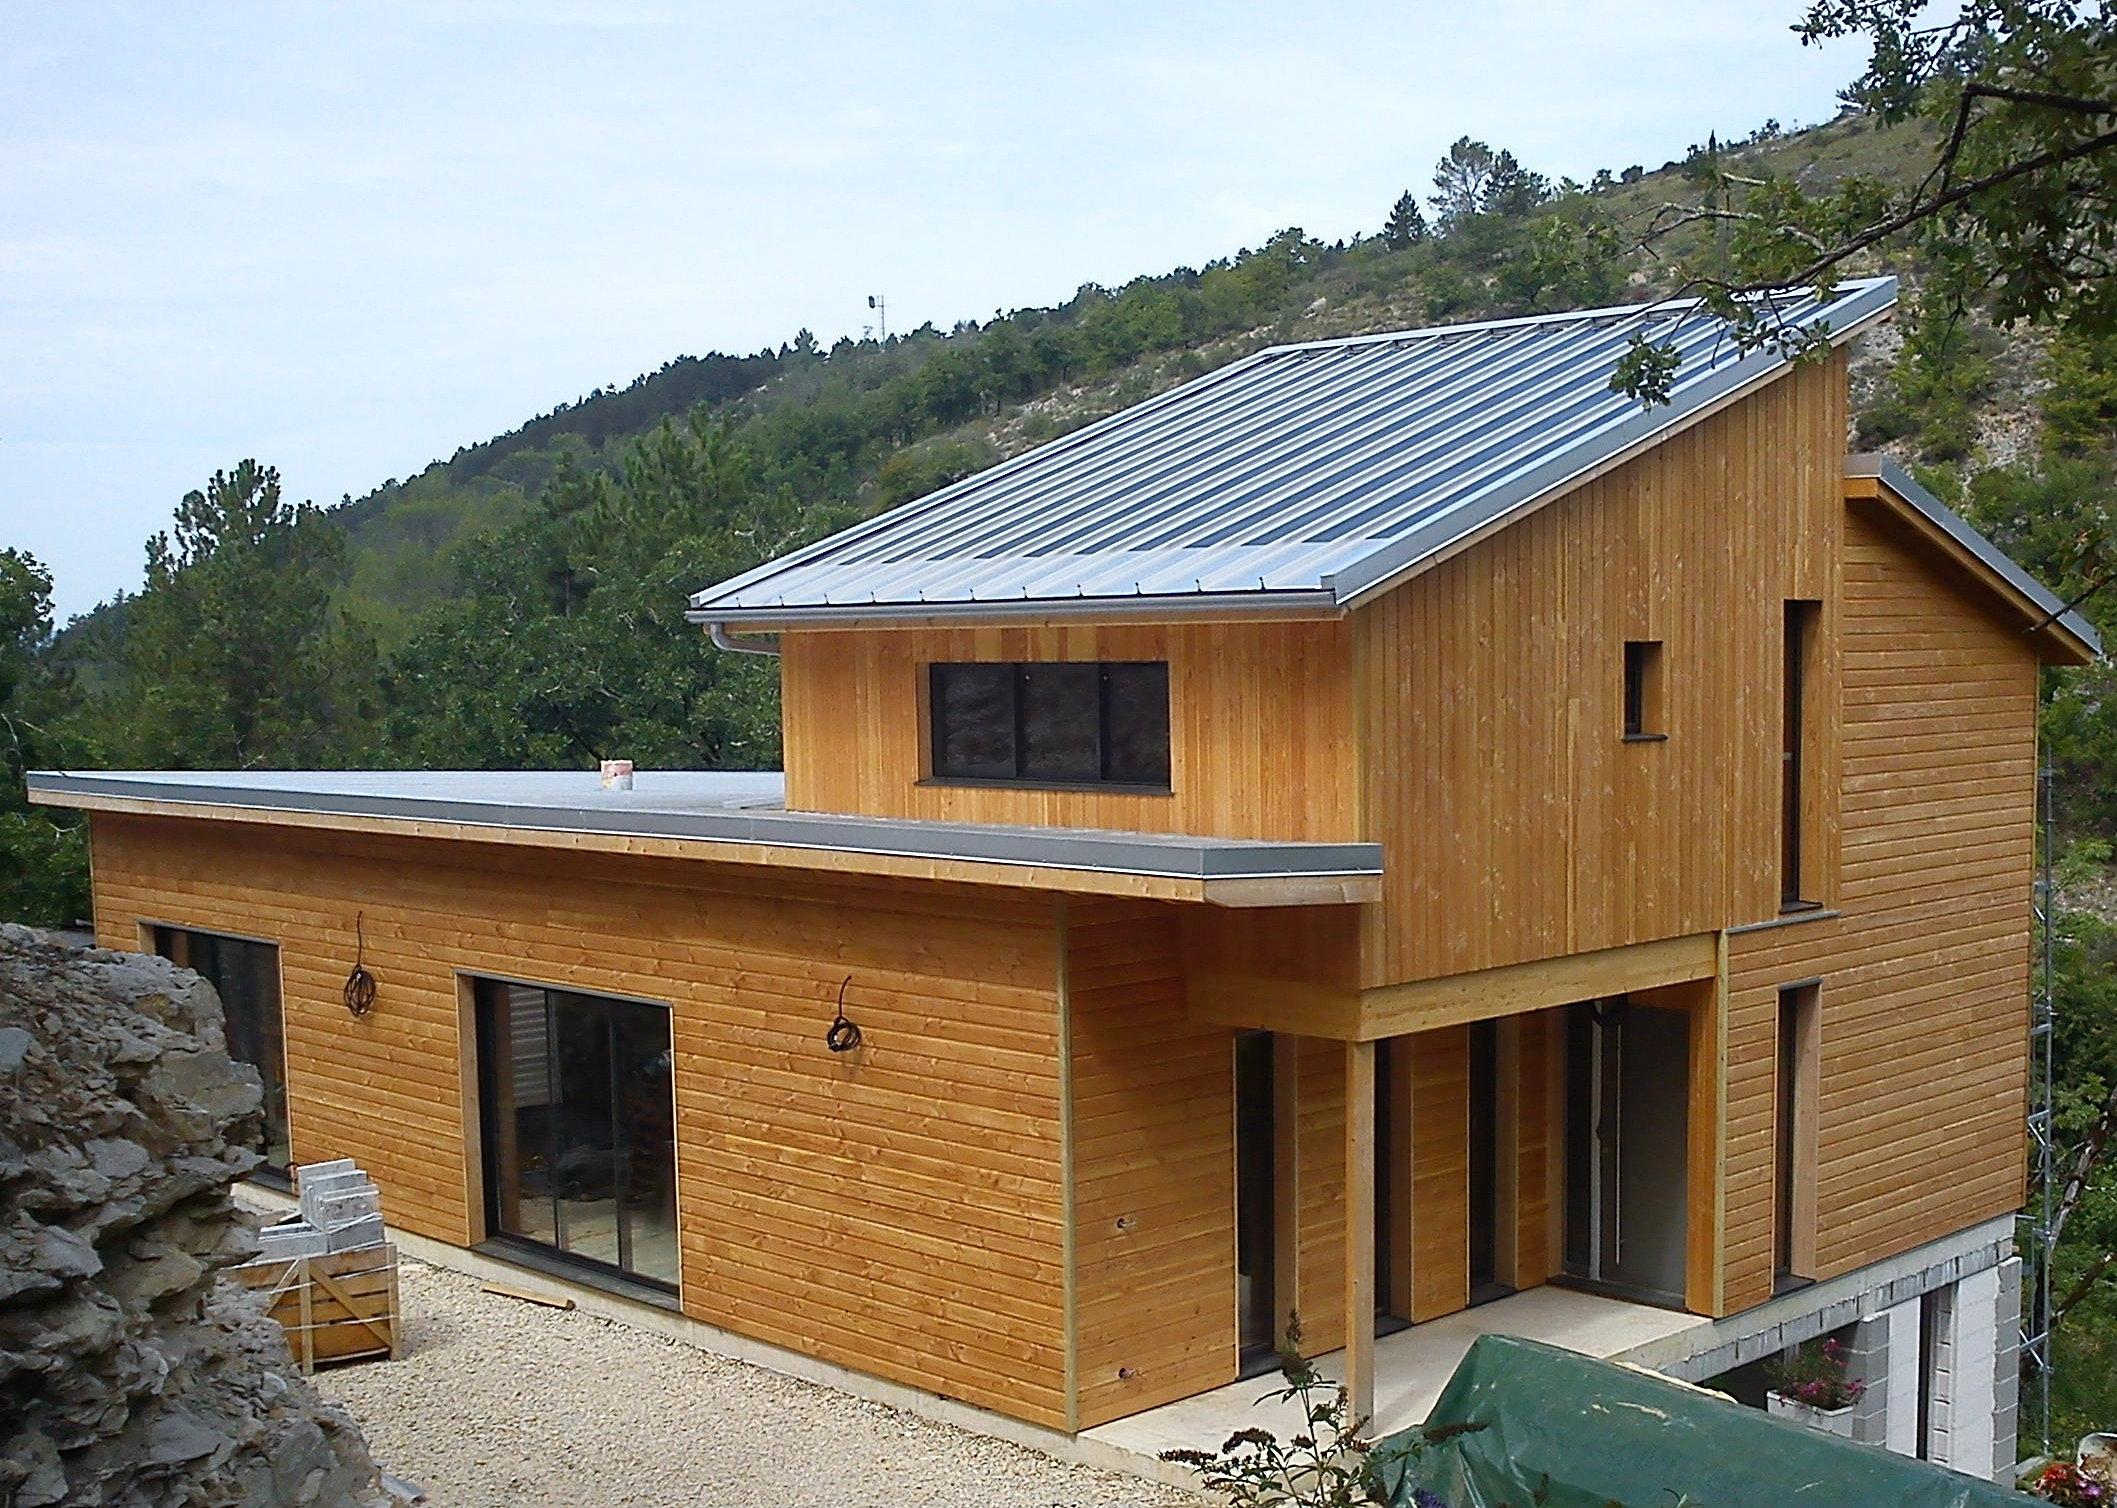 construction ecologique maison bois cahors batitec 46 lot construction maison bois. Black Bedroom Furniture Sets. Home Design Ideas